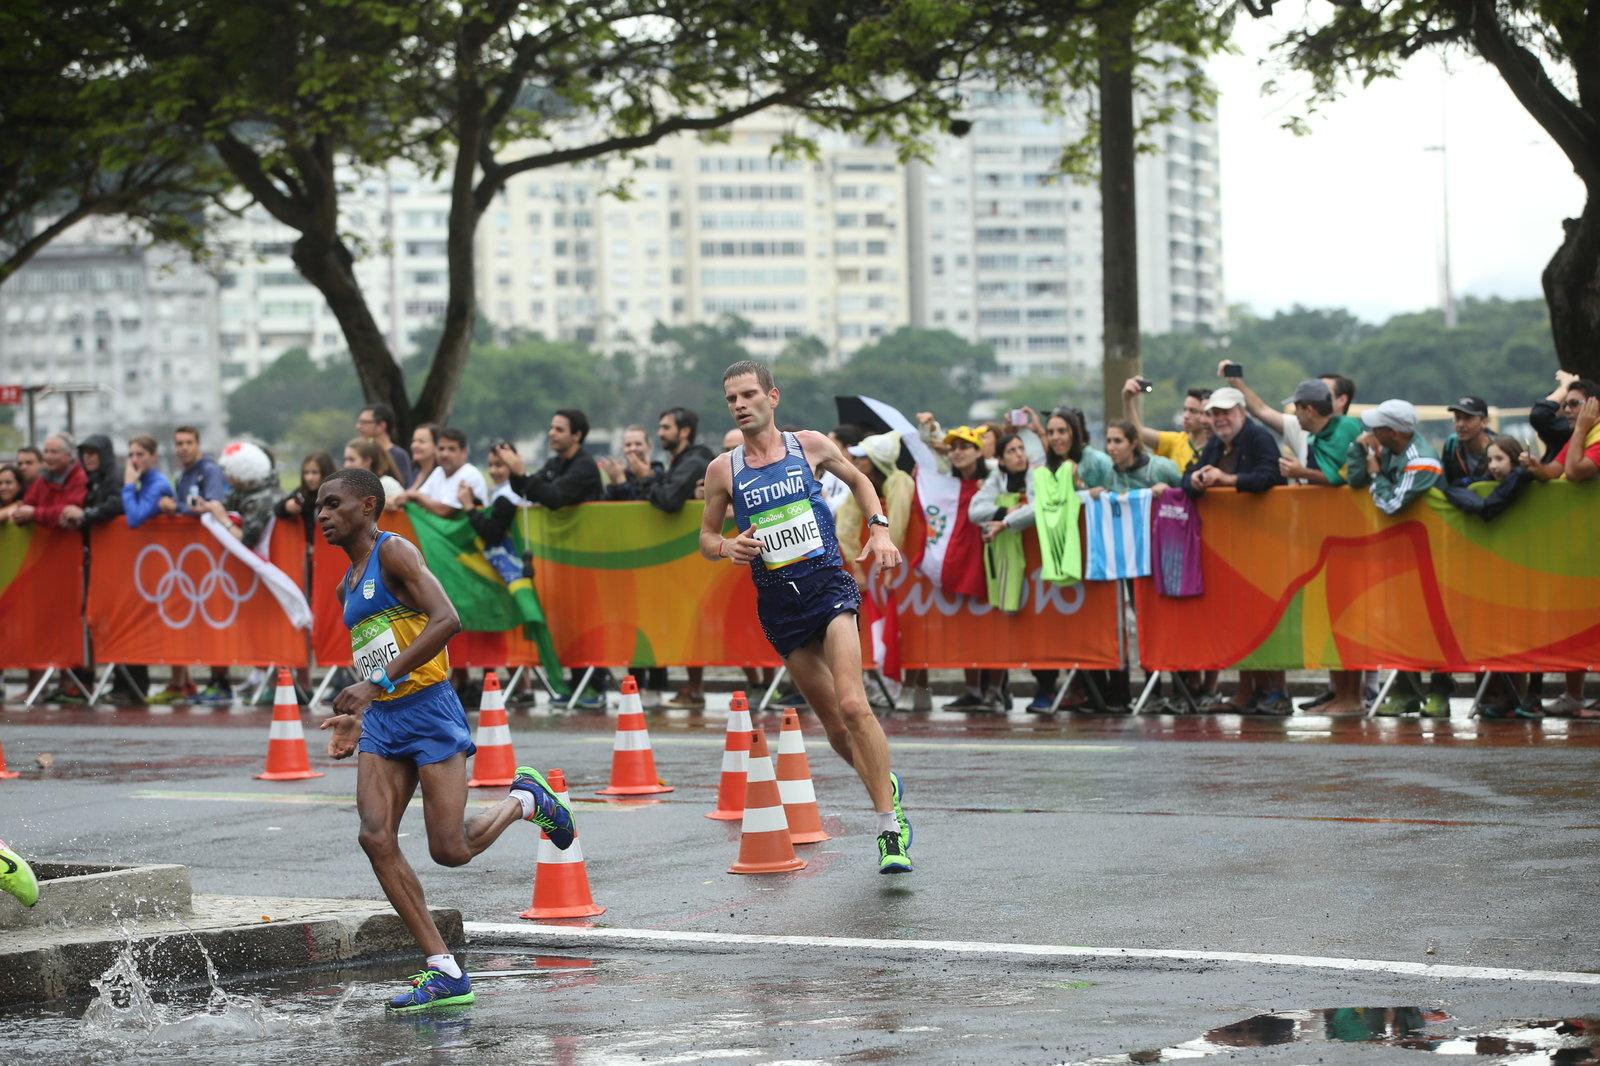 Rio olümpiamängude meeste maratonis teenis saarlane Tiidrek Nurme ajaga2:20.01 63. koha. Teine eestlane Roman Fosti lõpetas kaks kohta kõrgemal ning oli 35 sekundit kiirem. Võitis Keenia jooksjaEliud Kipchoge ajaga 2:08.44. […]